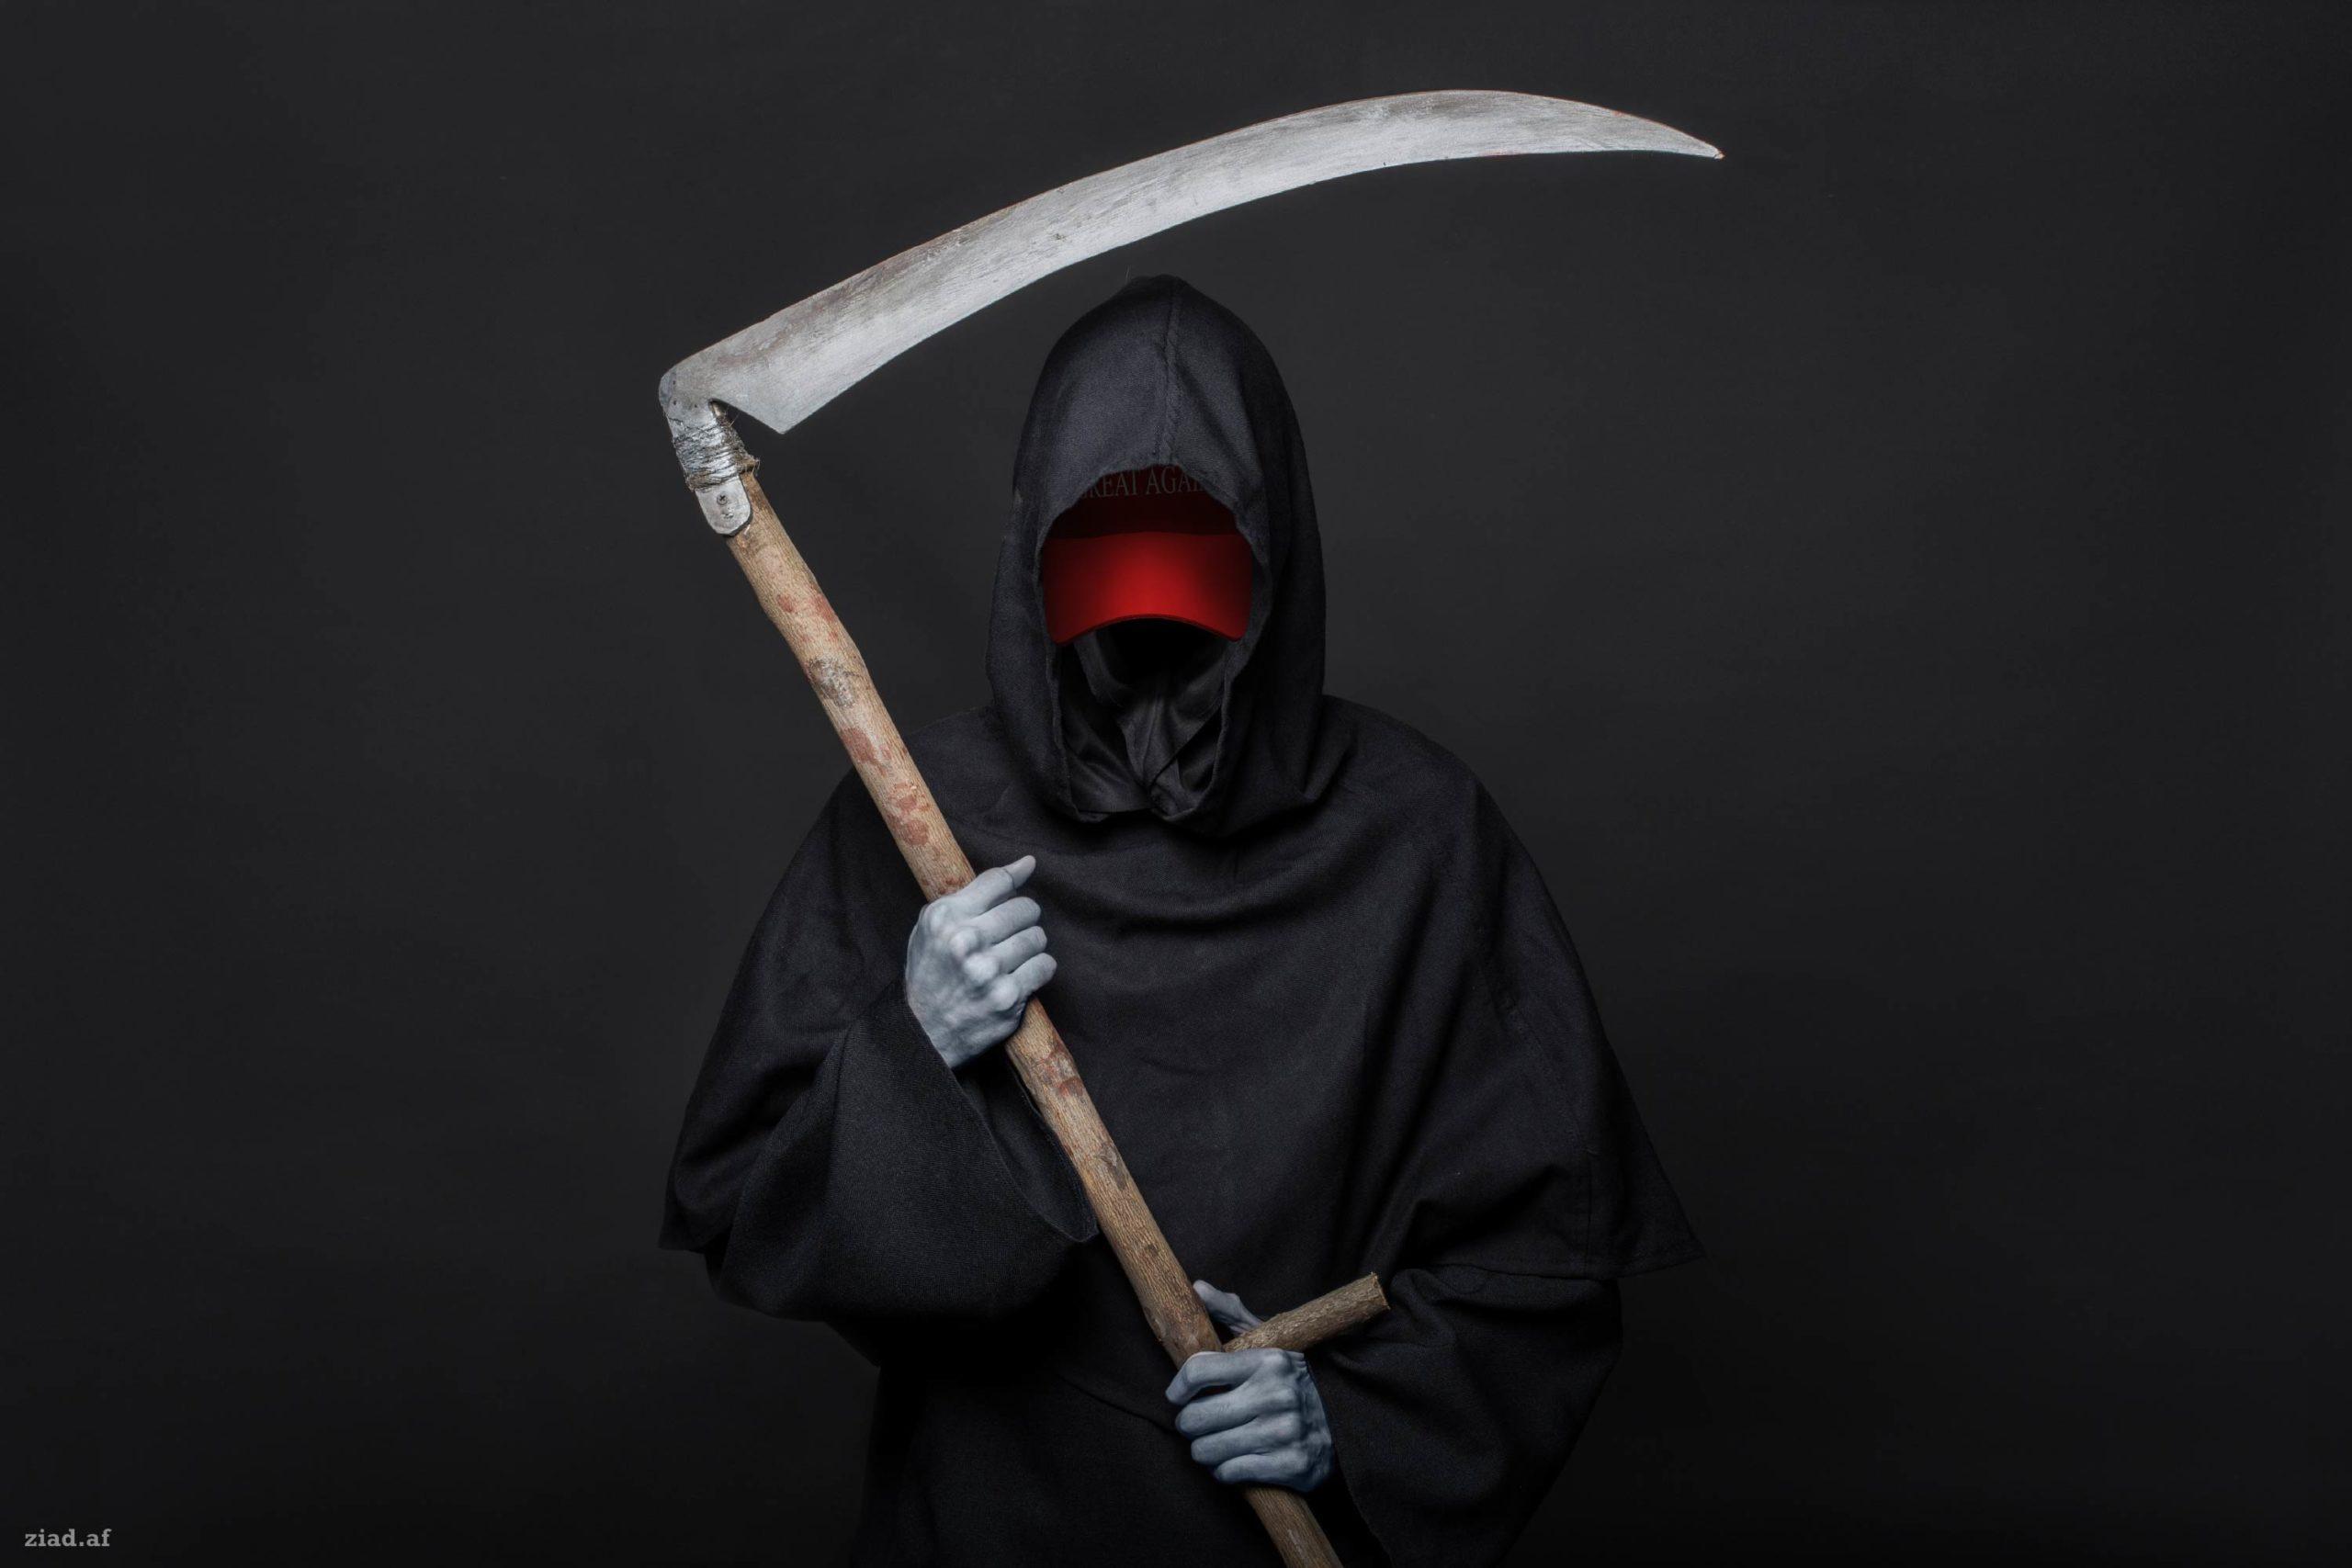 MAGA Reaper